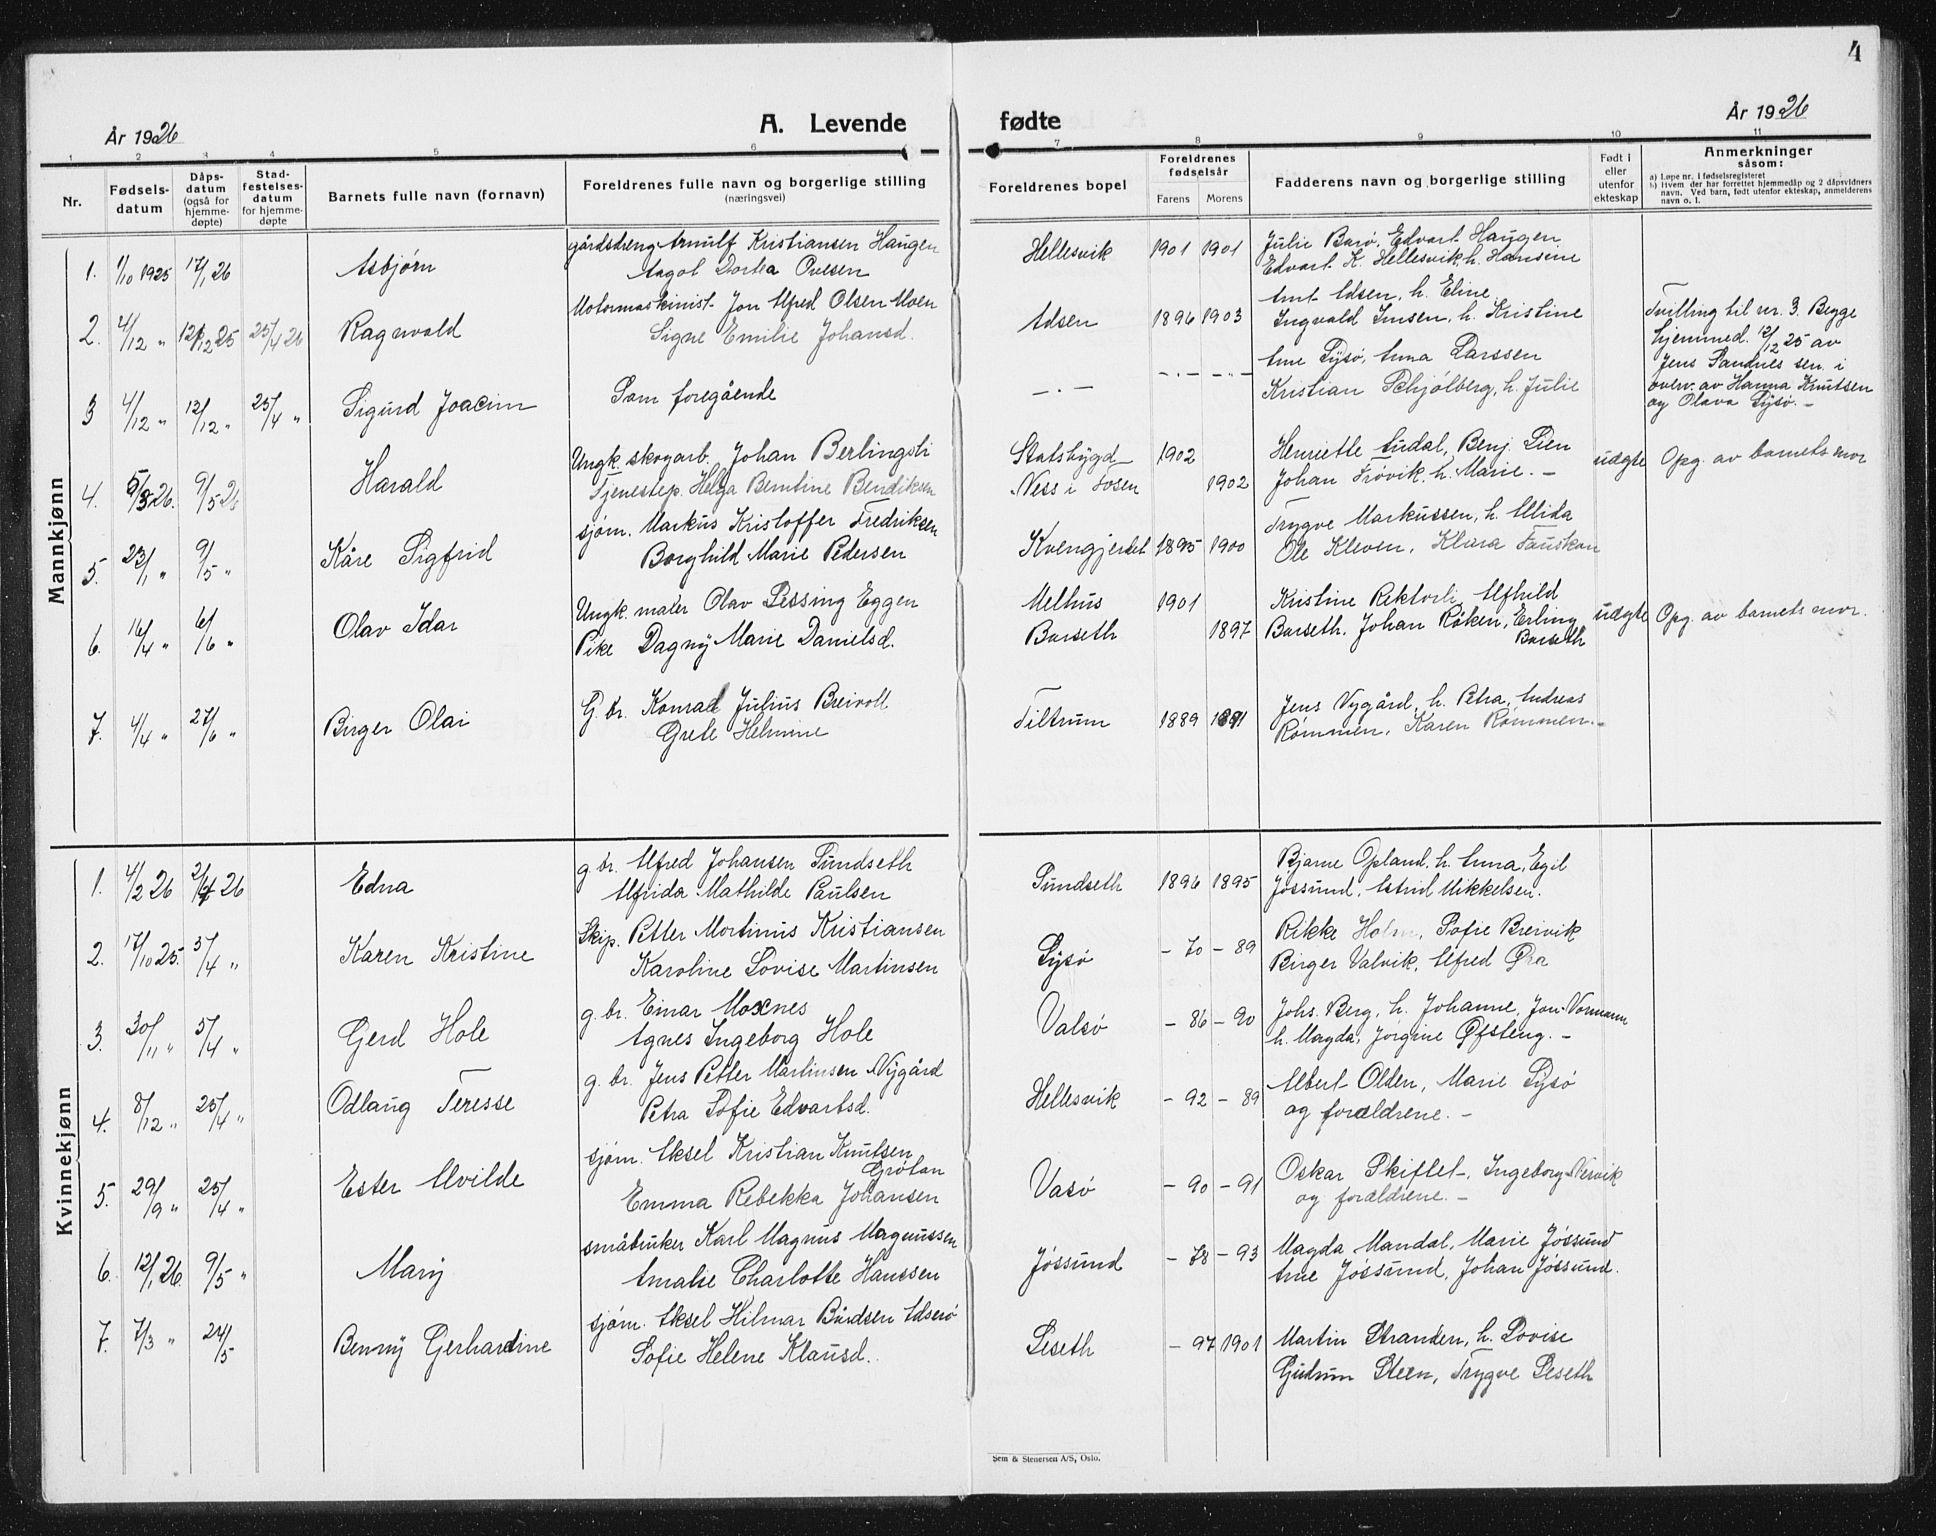 SAT, Ministerialprotokoller, klokkerbøker og fødselsregistre - Sør-Trøndelag, 654/L0667: Klokkerbok nr. 654C03, 1924-1939, s. 4